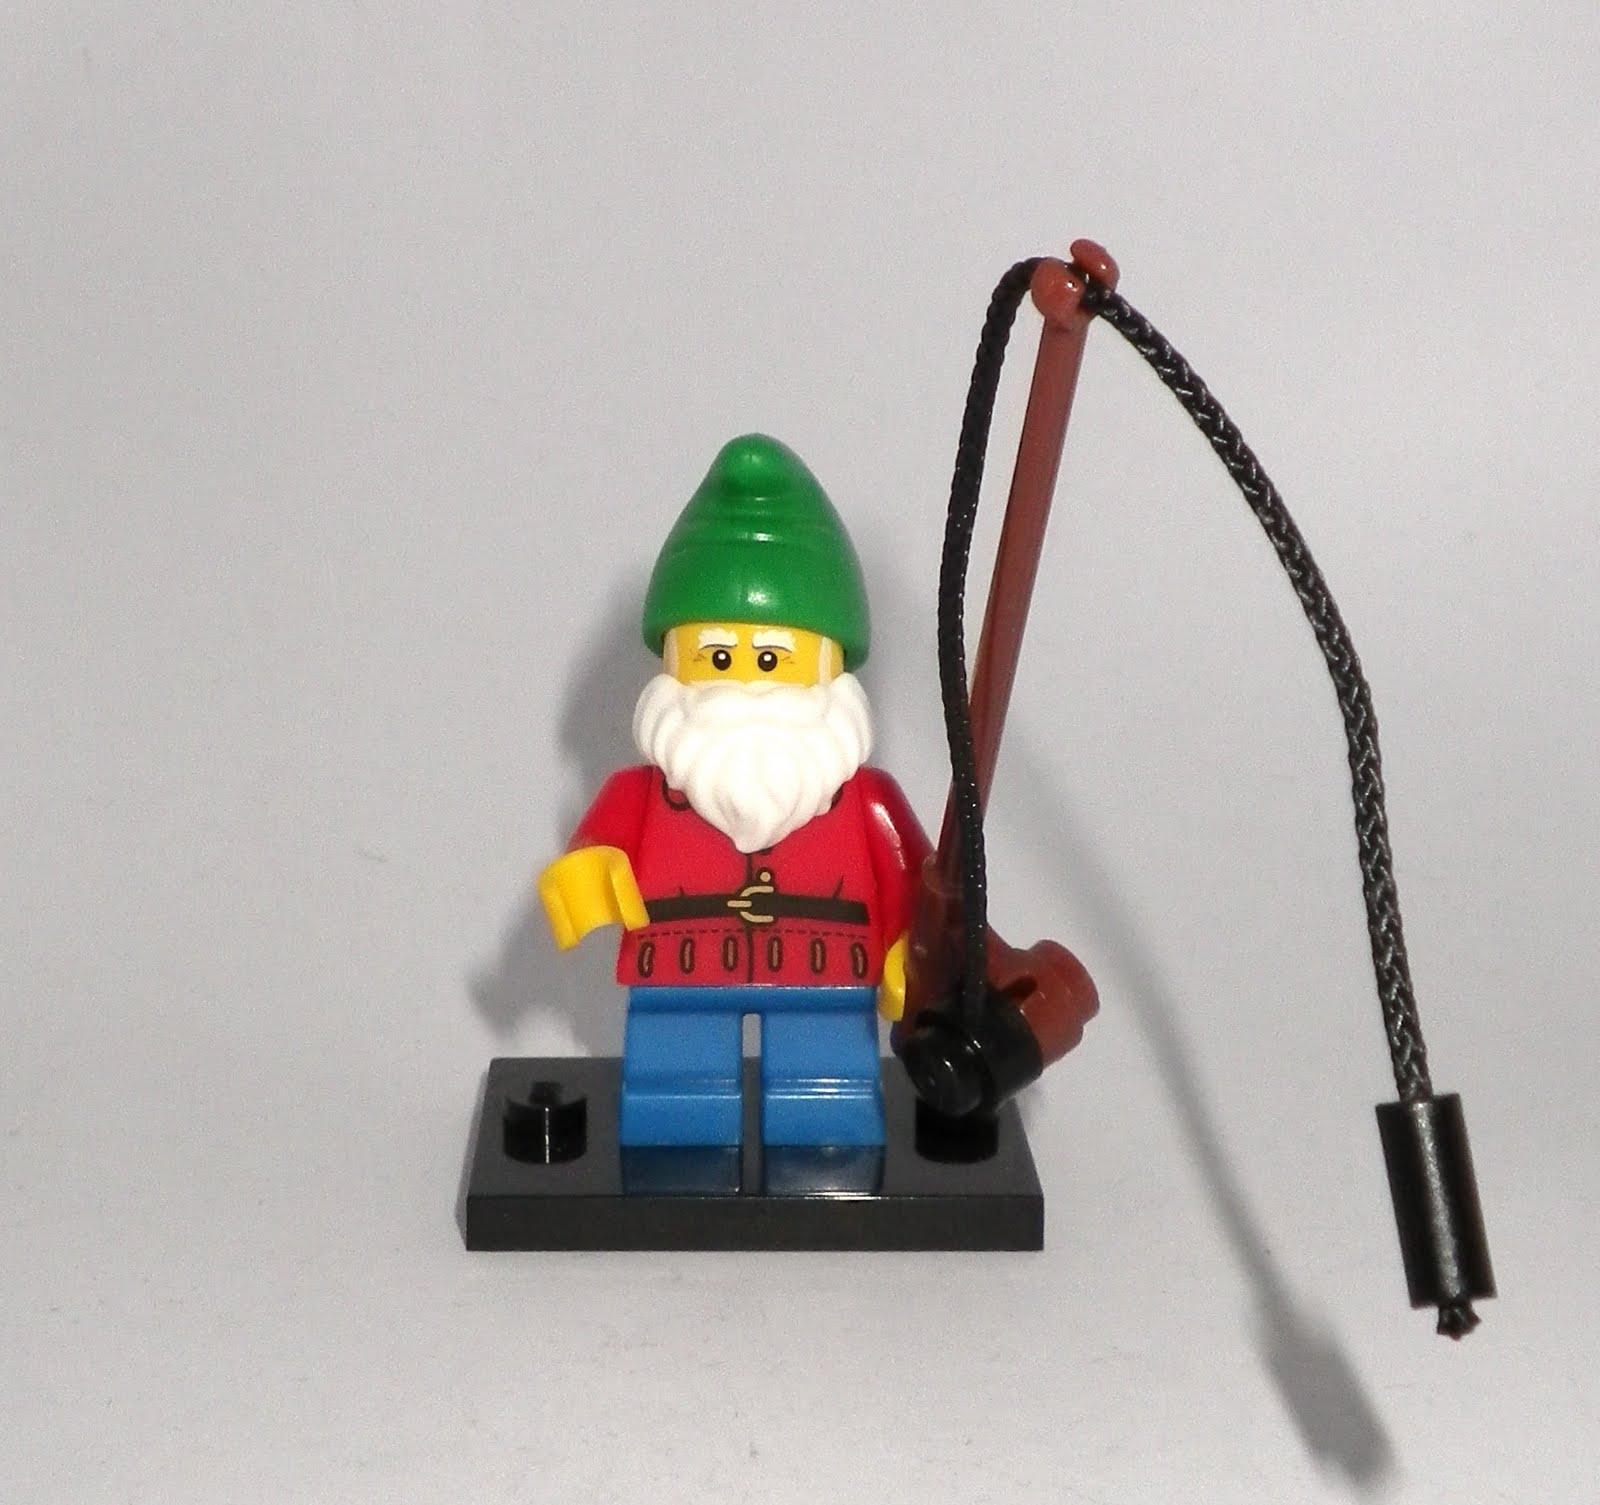 Comment trouver canne à pêche dans niveau 5  Forum LEGO Le Seigneur des